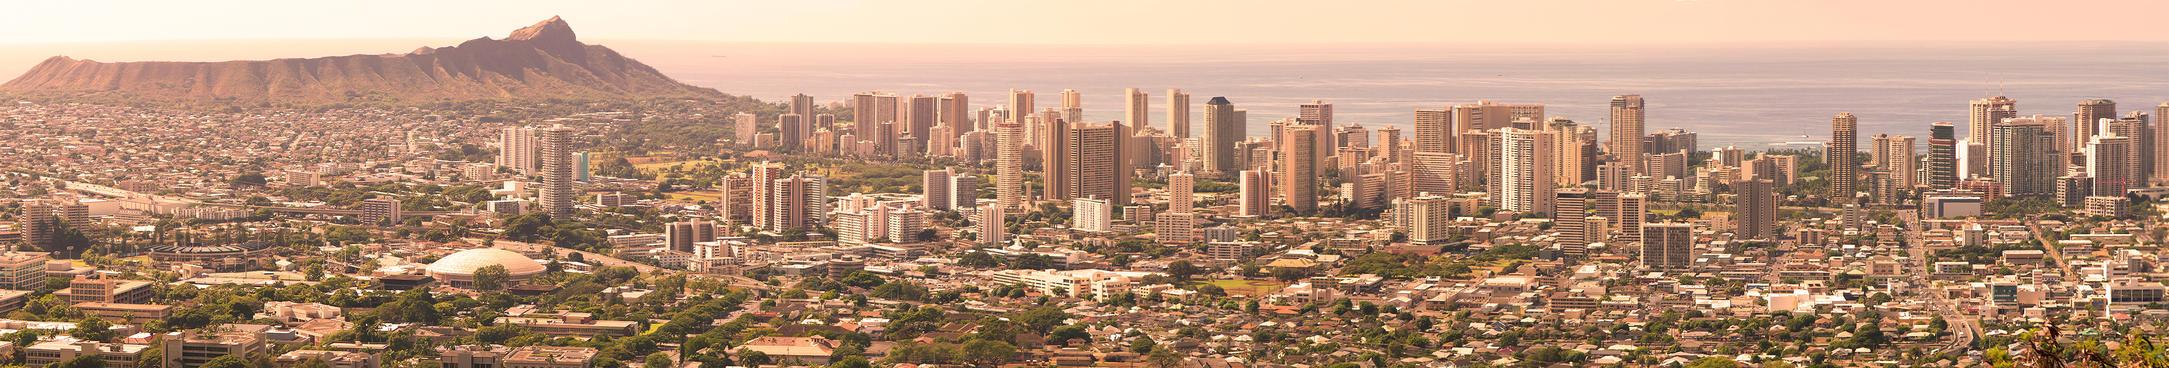 Honolulu Morning by giantspeck